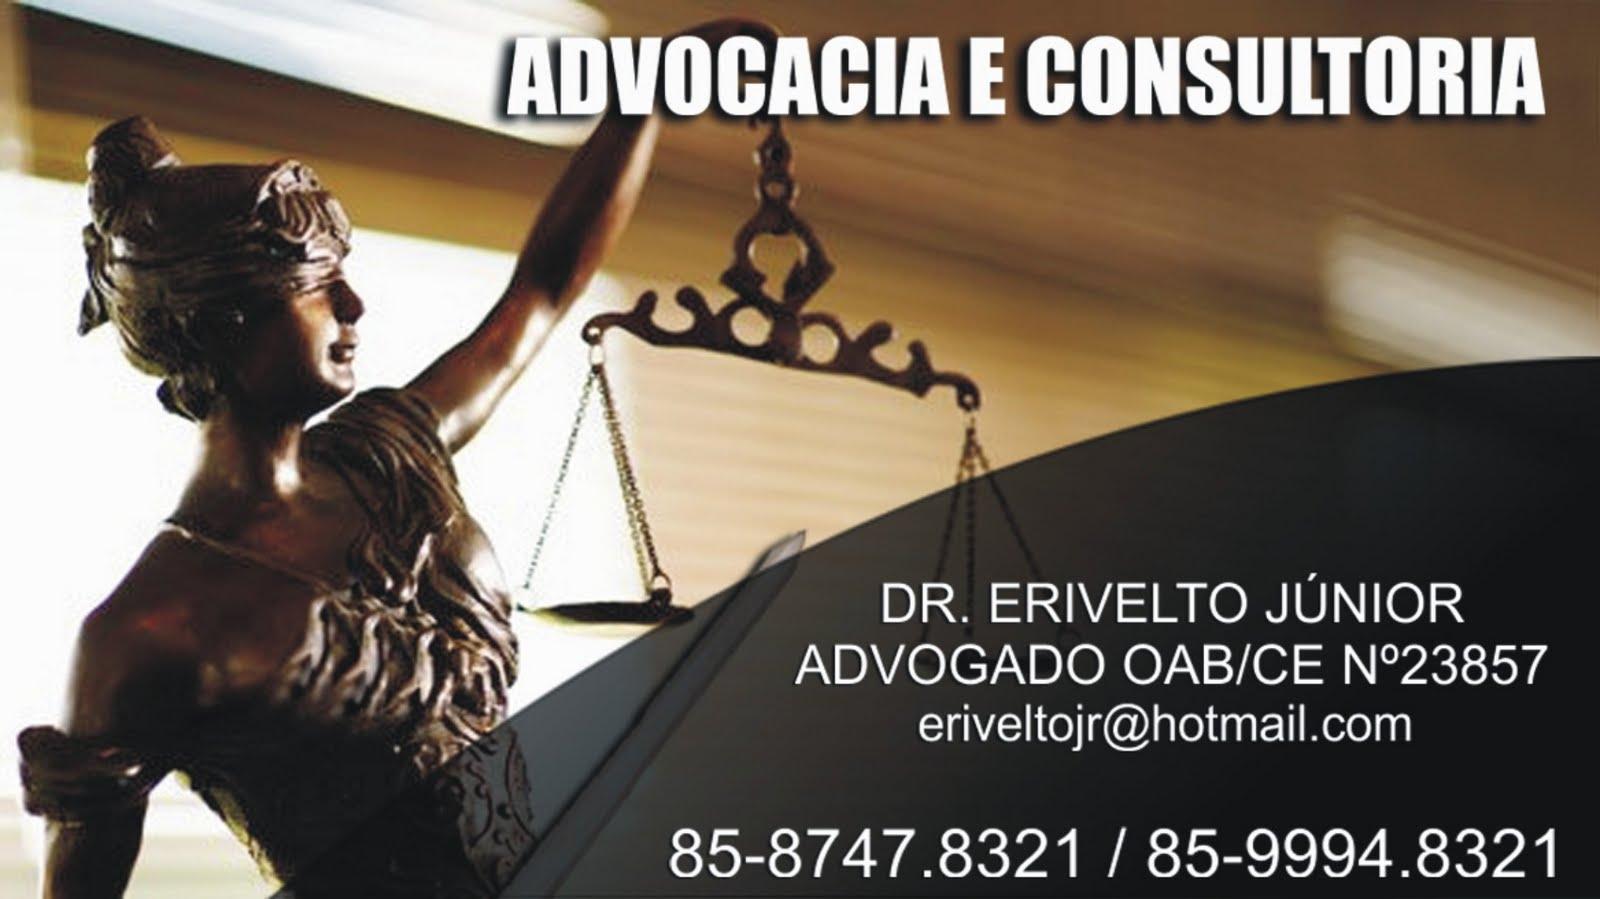 ] Advogado Erivelto Júnior [